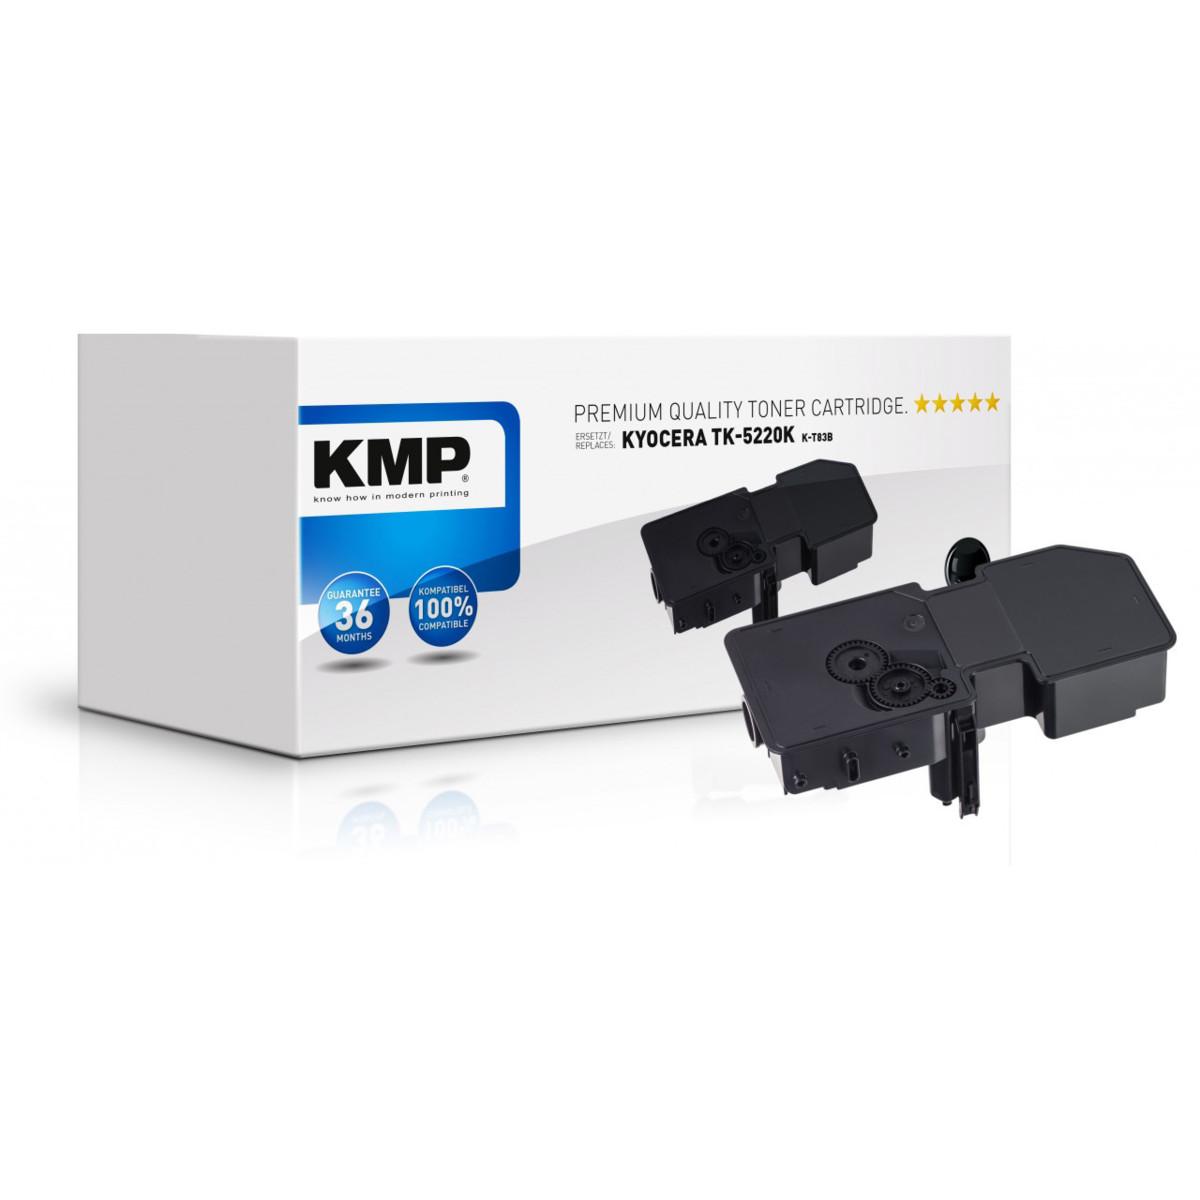 KMP Toner Kyocera TK-5230C, Kyocera 1T02R9CNL0, - kompatibilný s čipom (Azúrový)